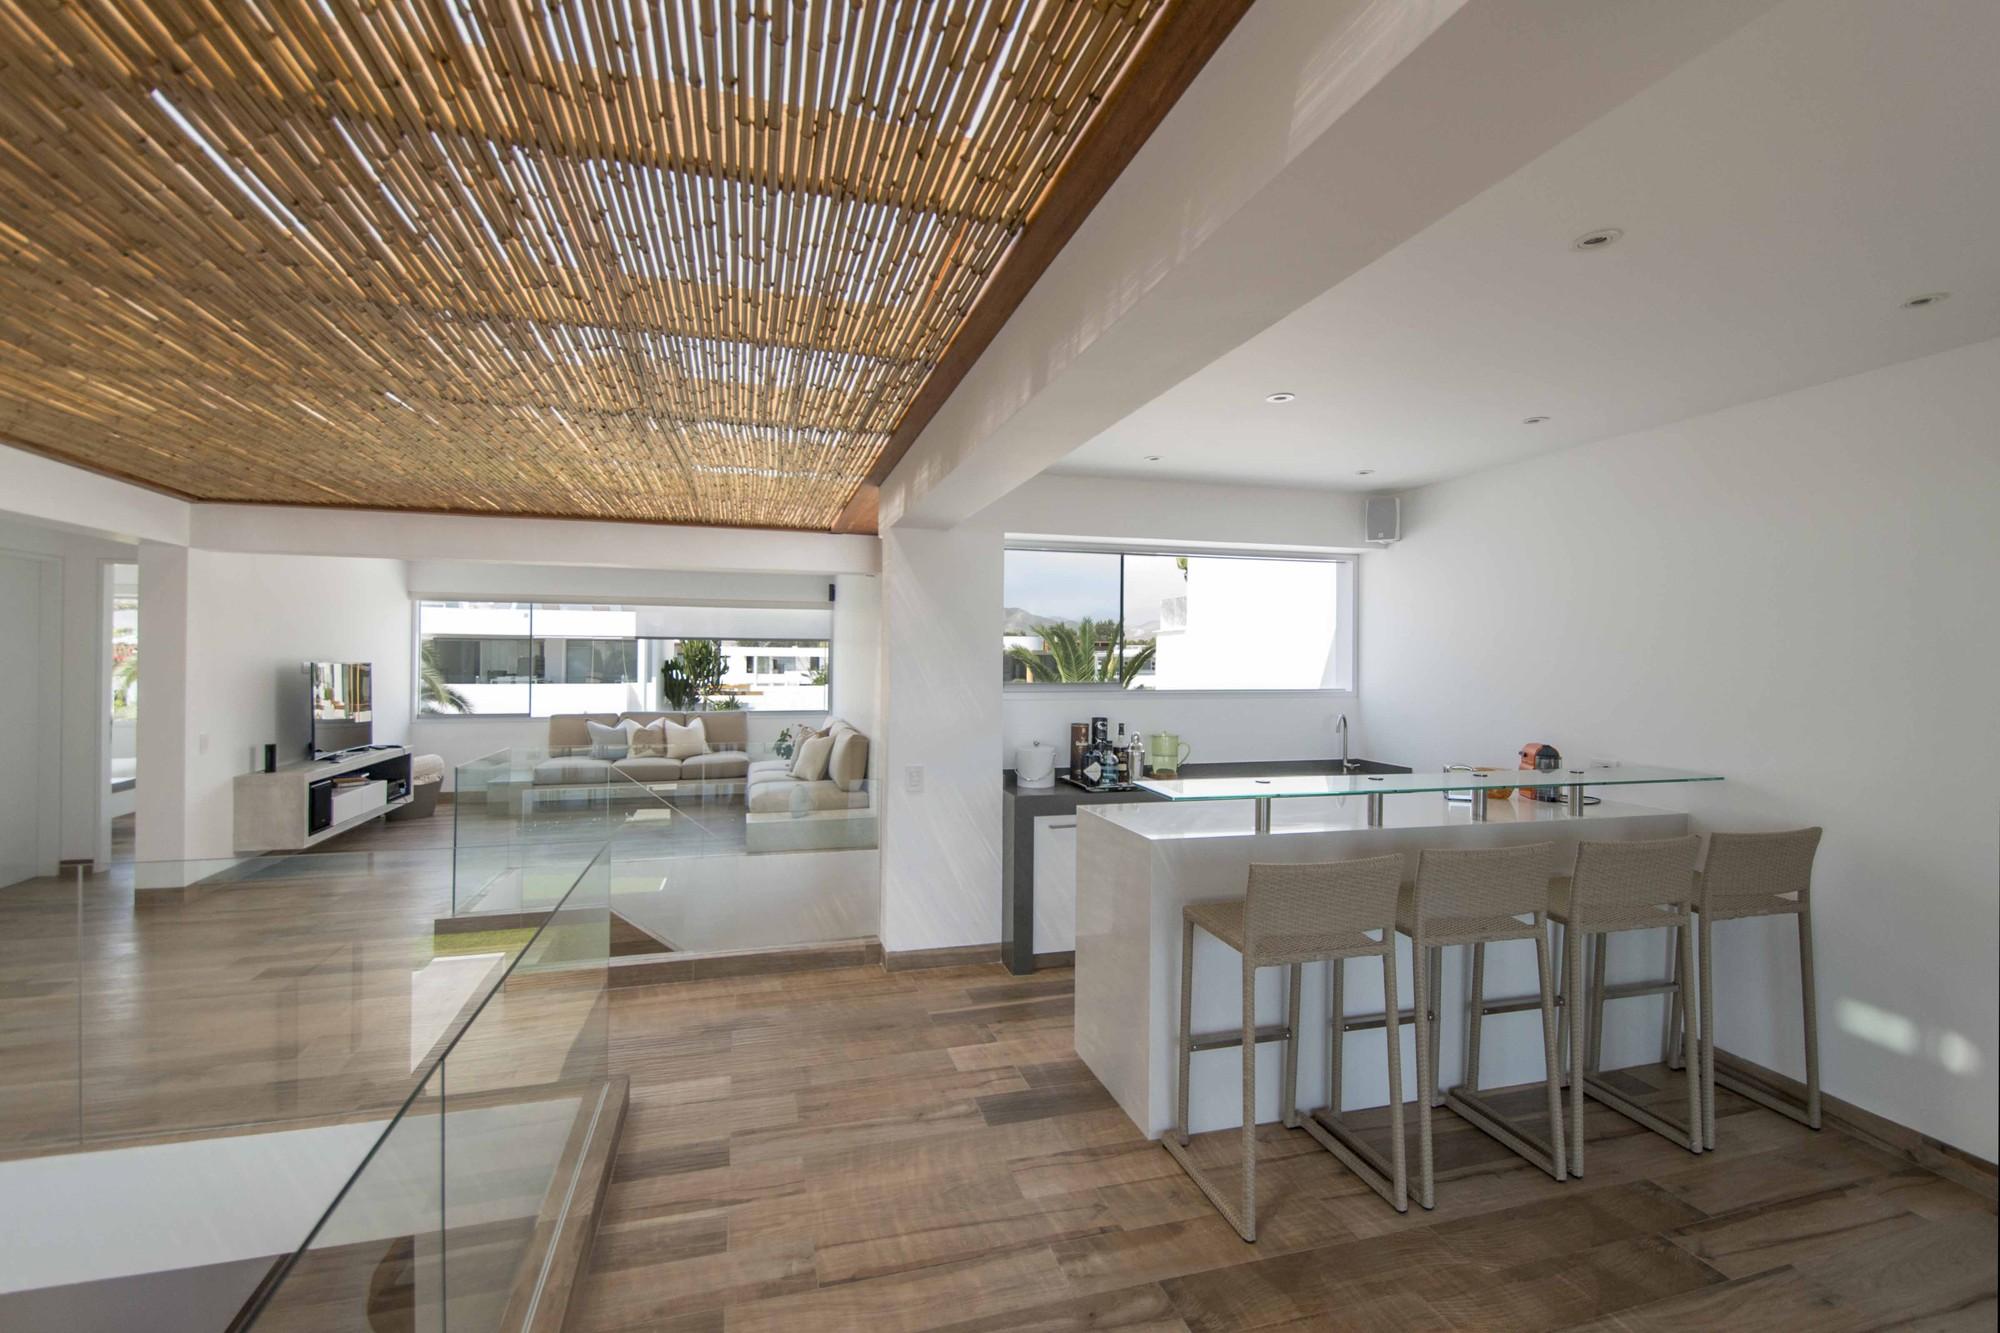 Casa by Da-Lab Arquitectos, © Renzo Rebagliati